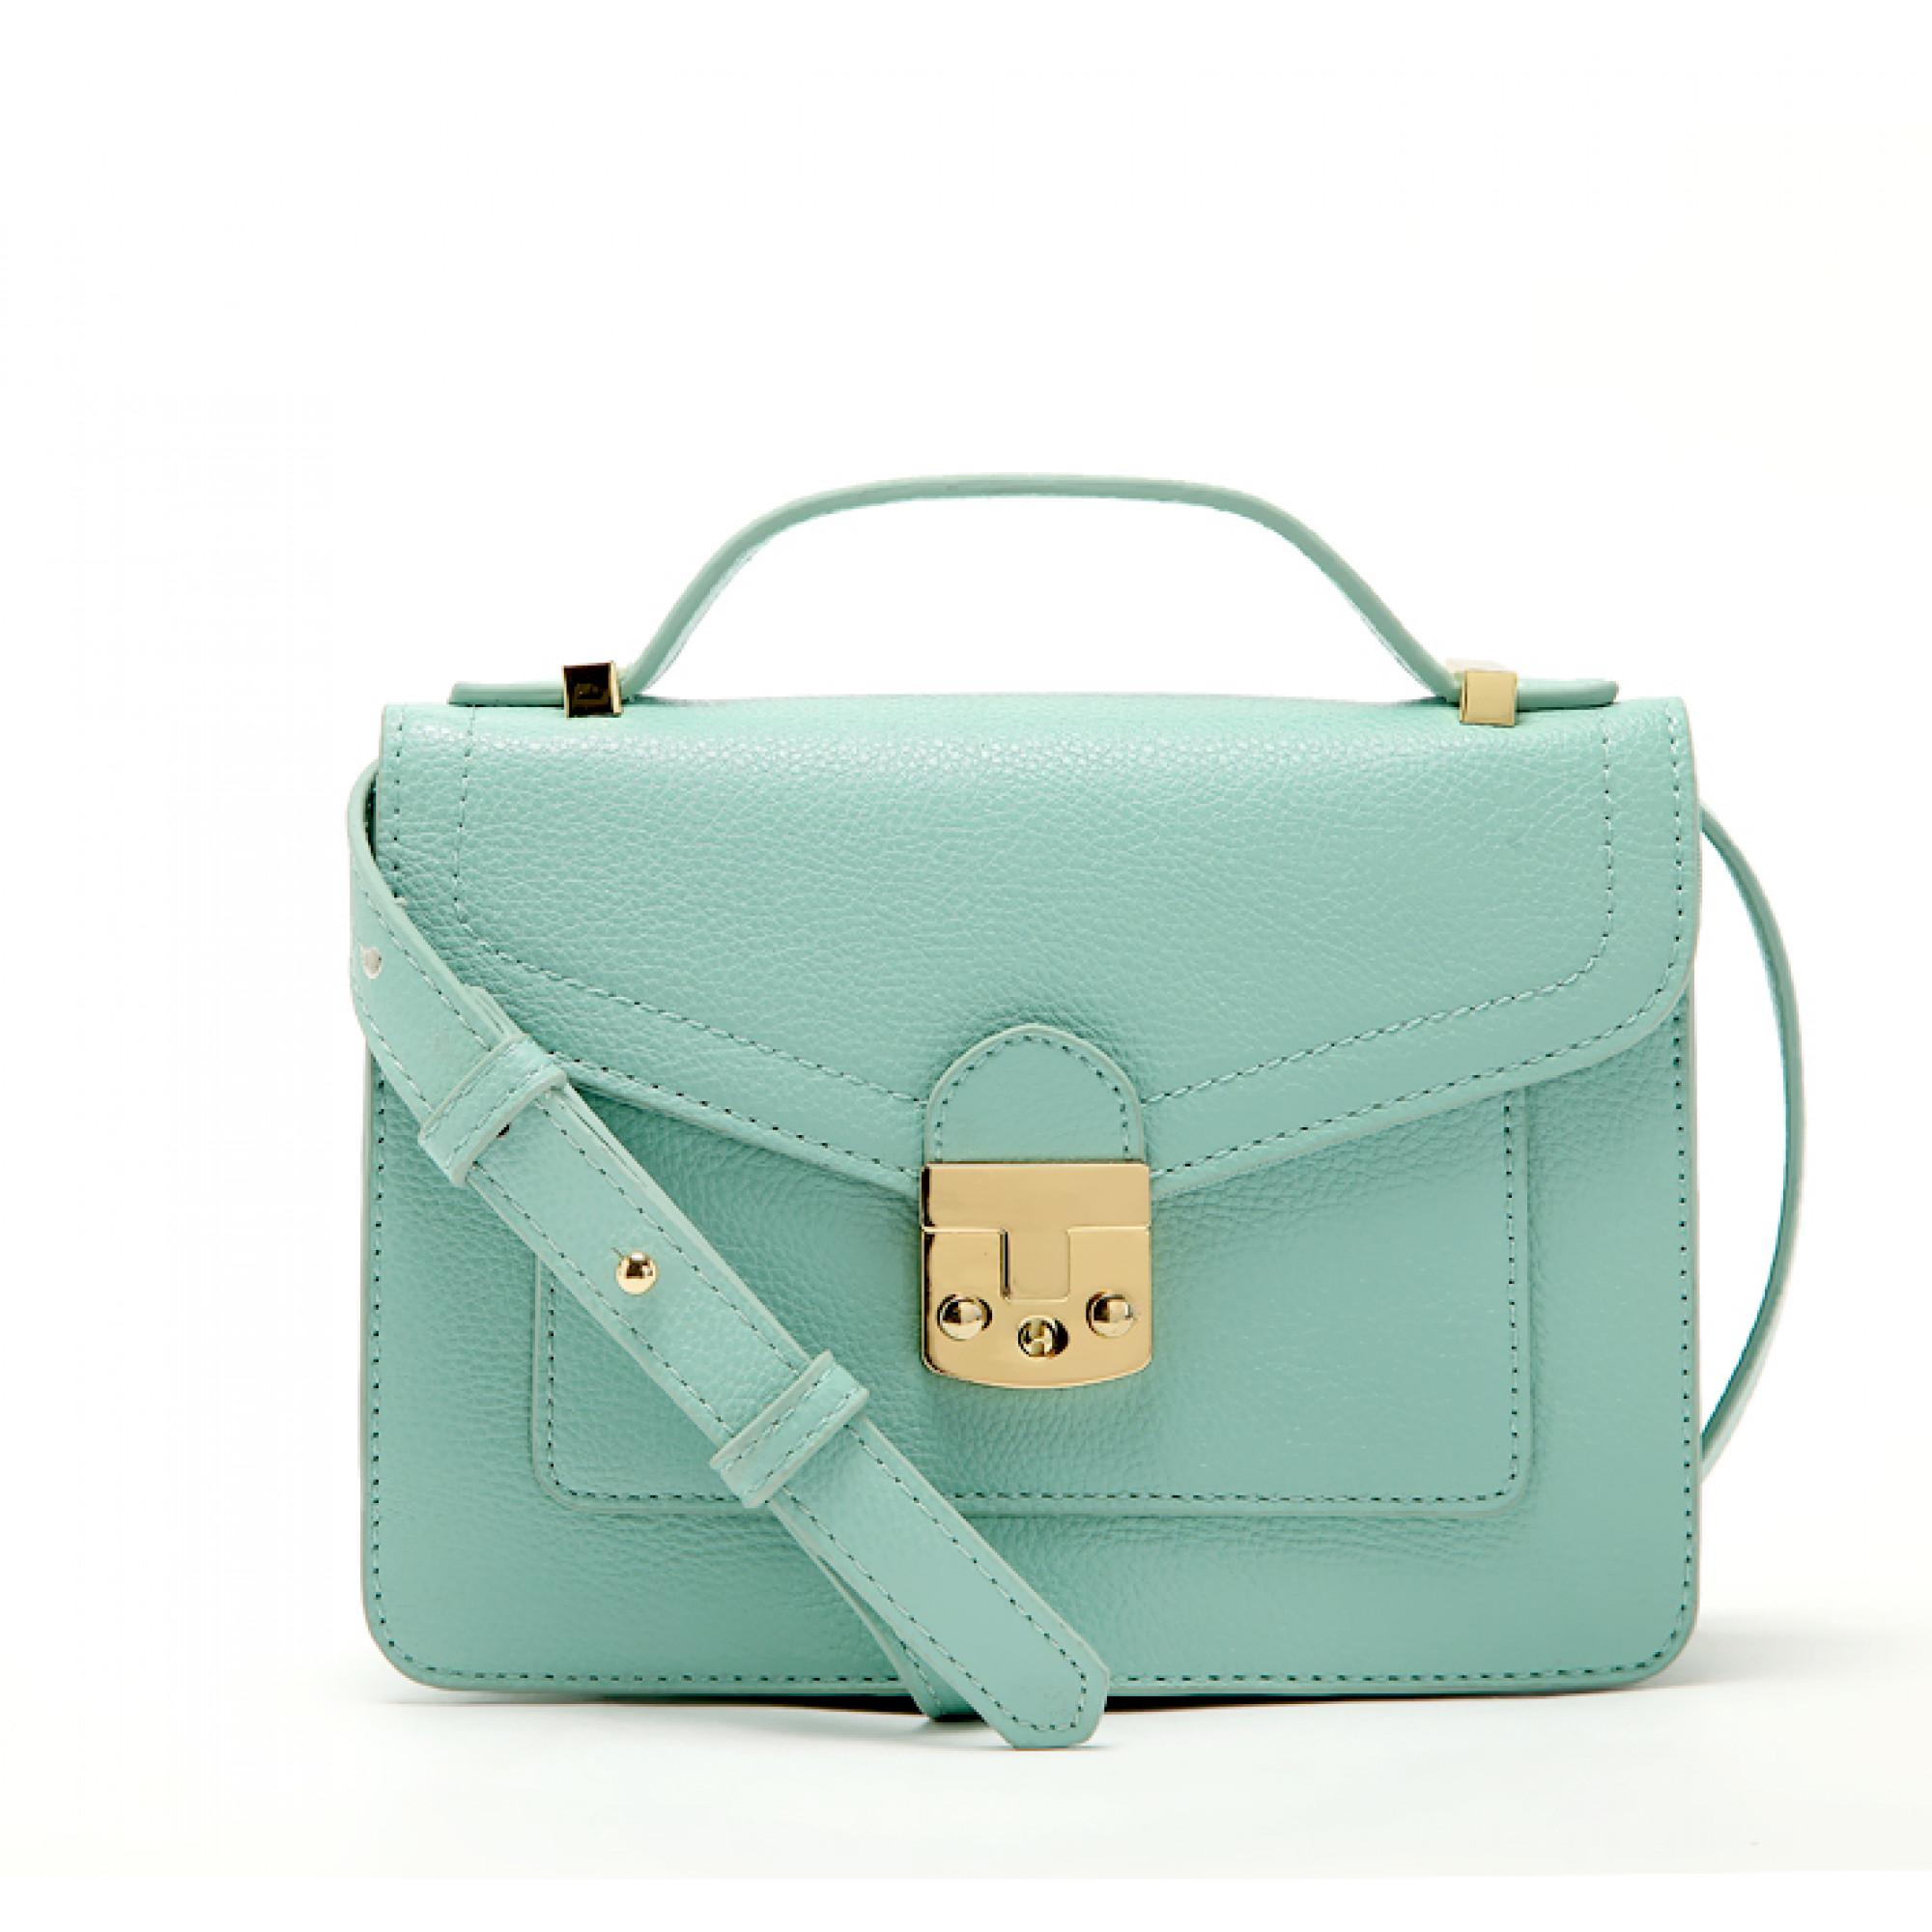 Купить сумку мятного цвета